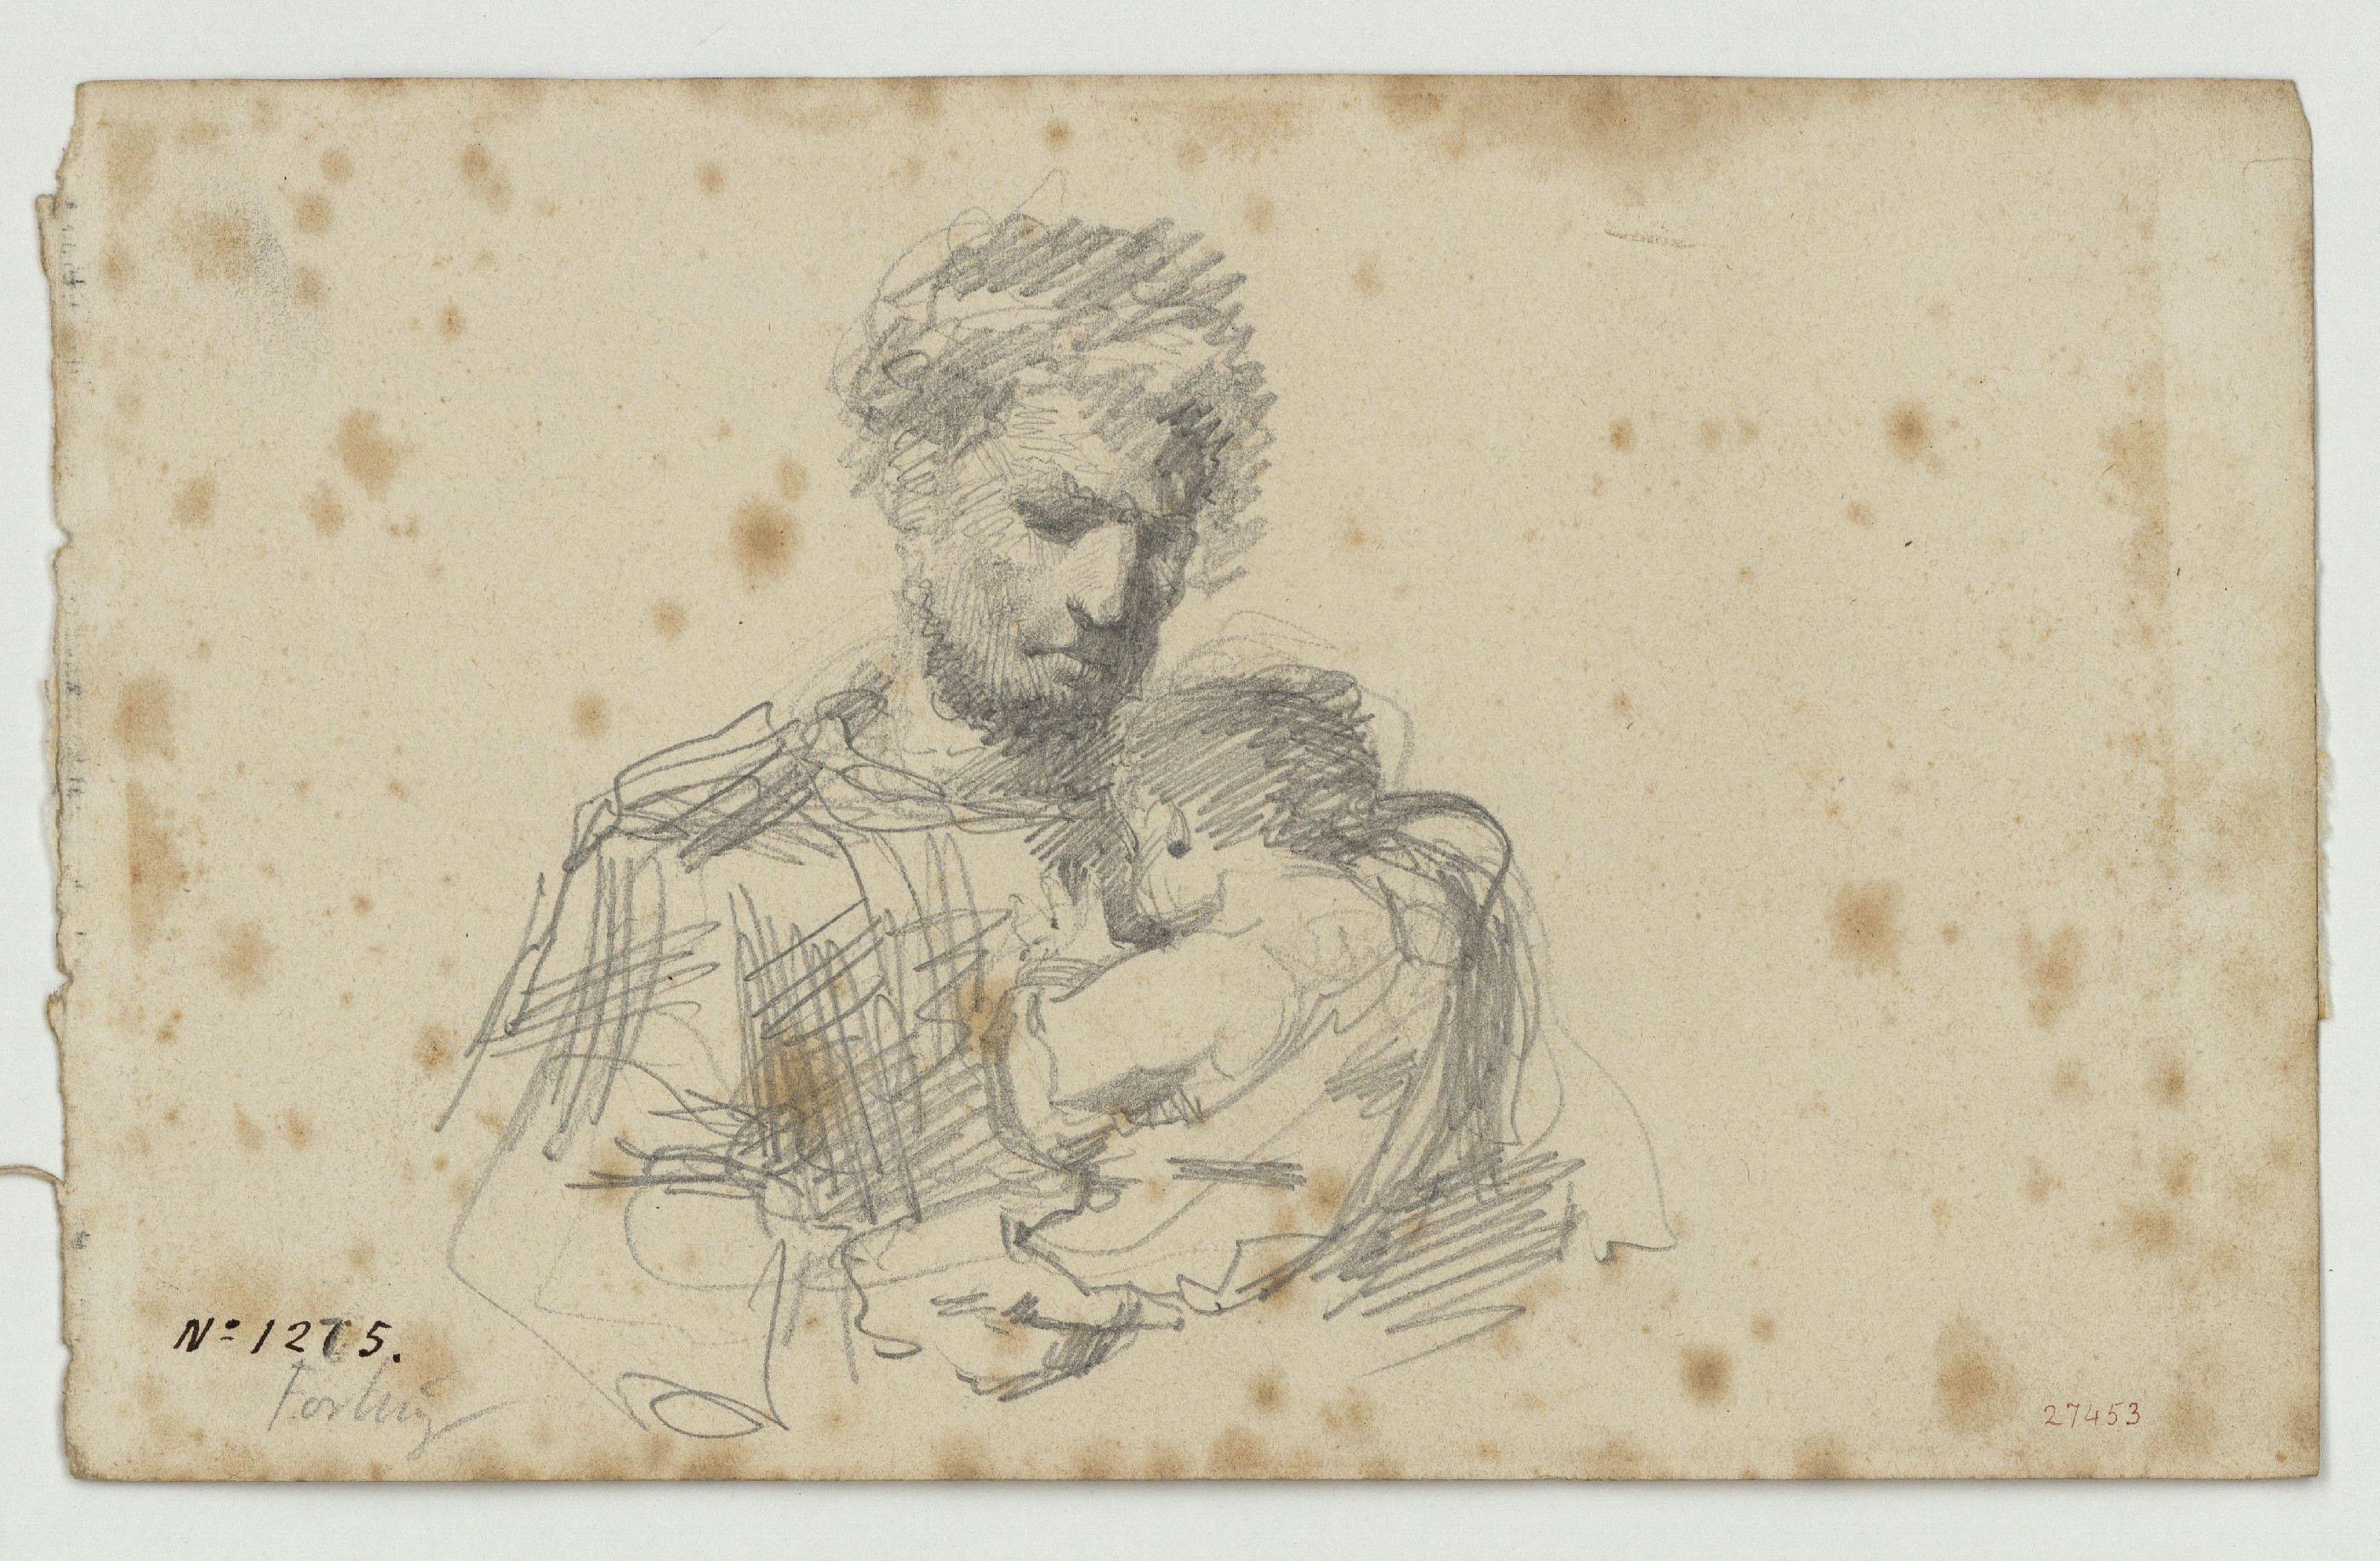 Marià Fortuny - Home amb nen - Cap a 1856-1858